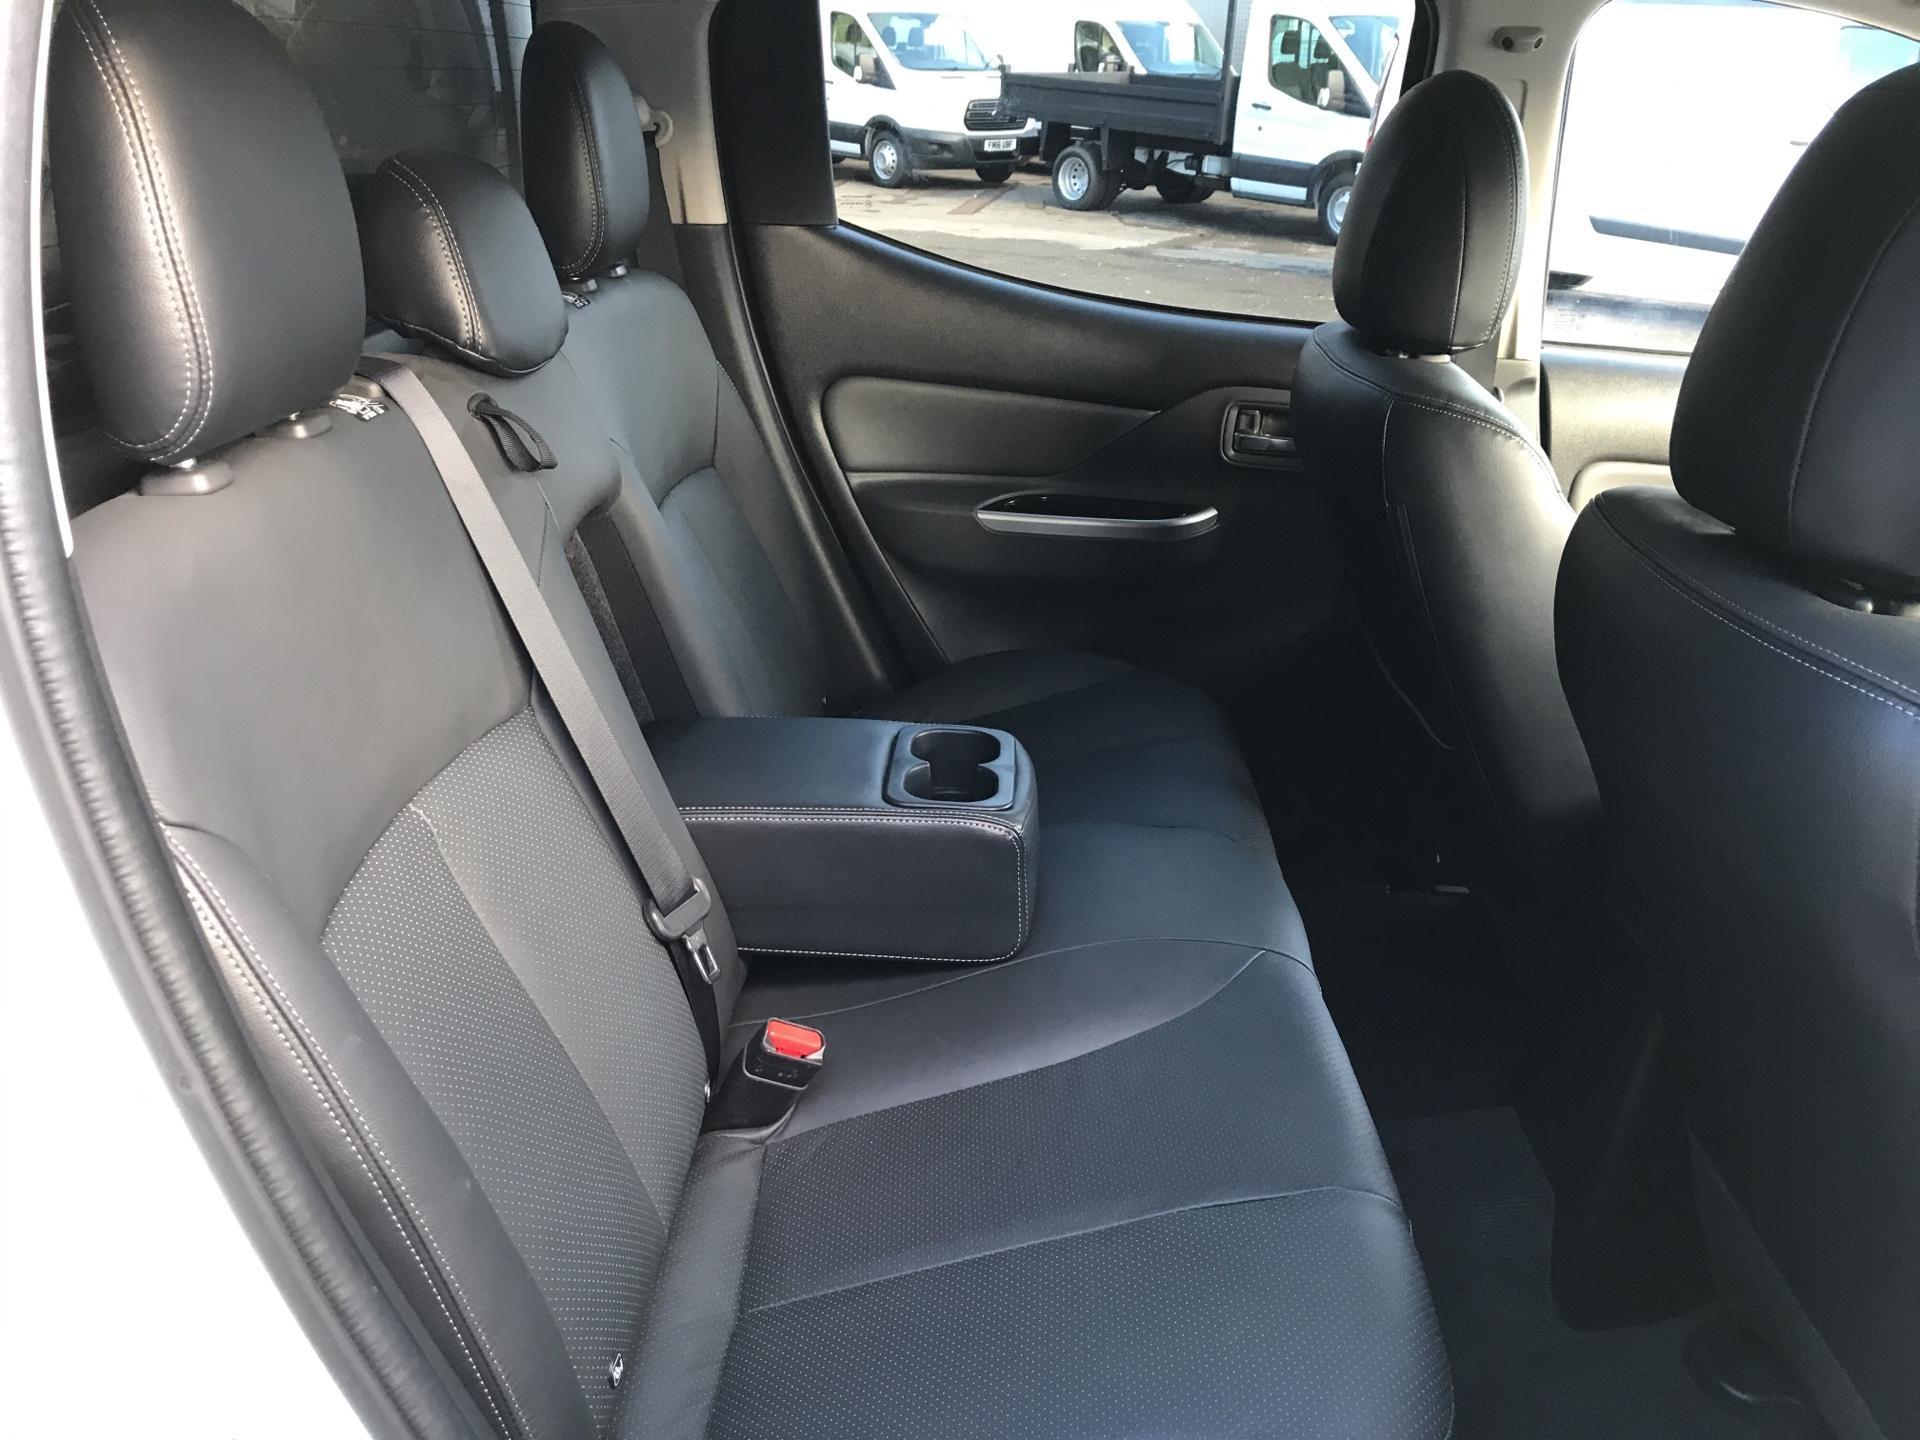 2016 Mitsubishi L200 DOUBLE CAB DI-D 178PS WARRIOR 4WD AUTO (WN66WVT) Image 16